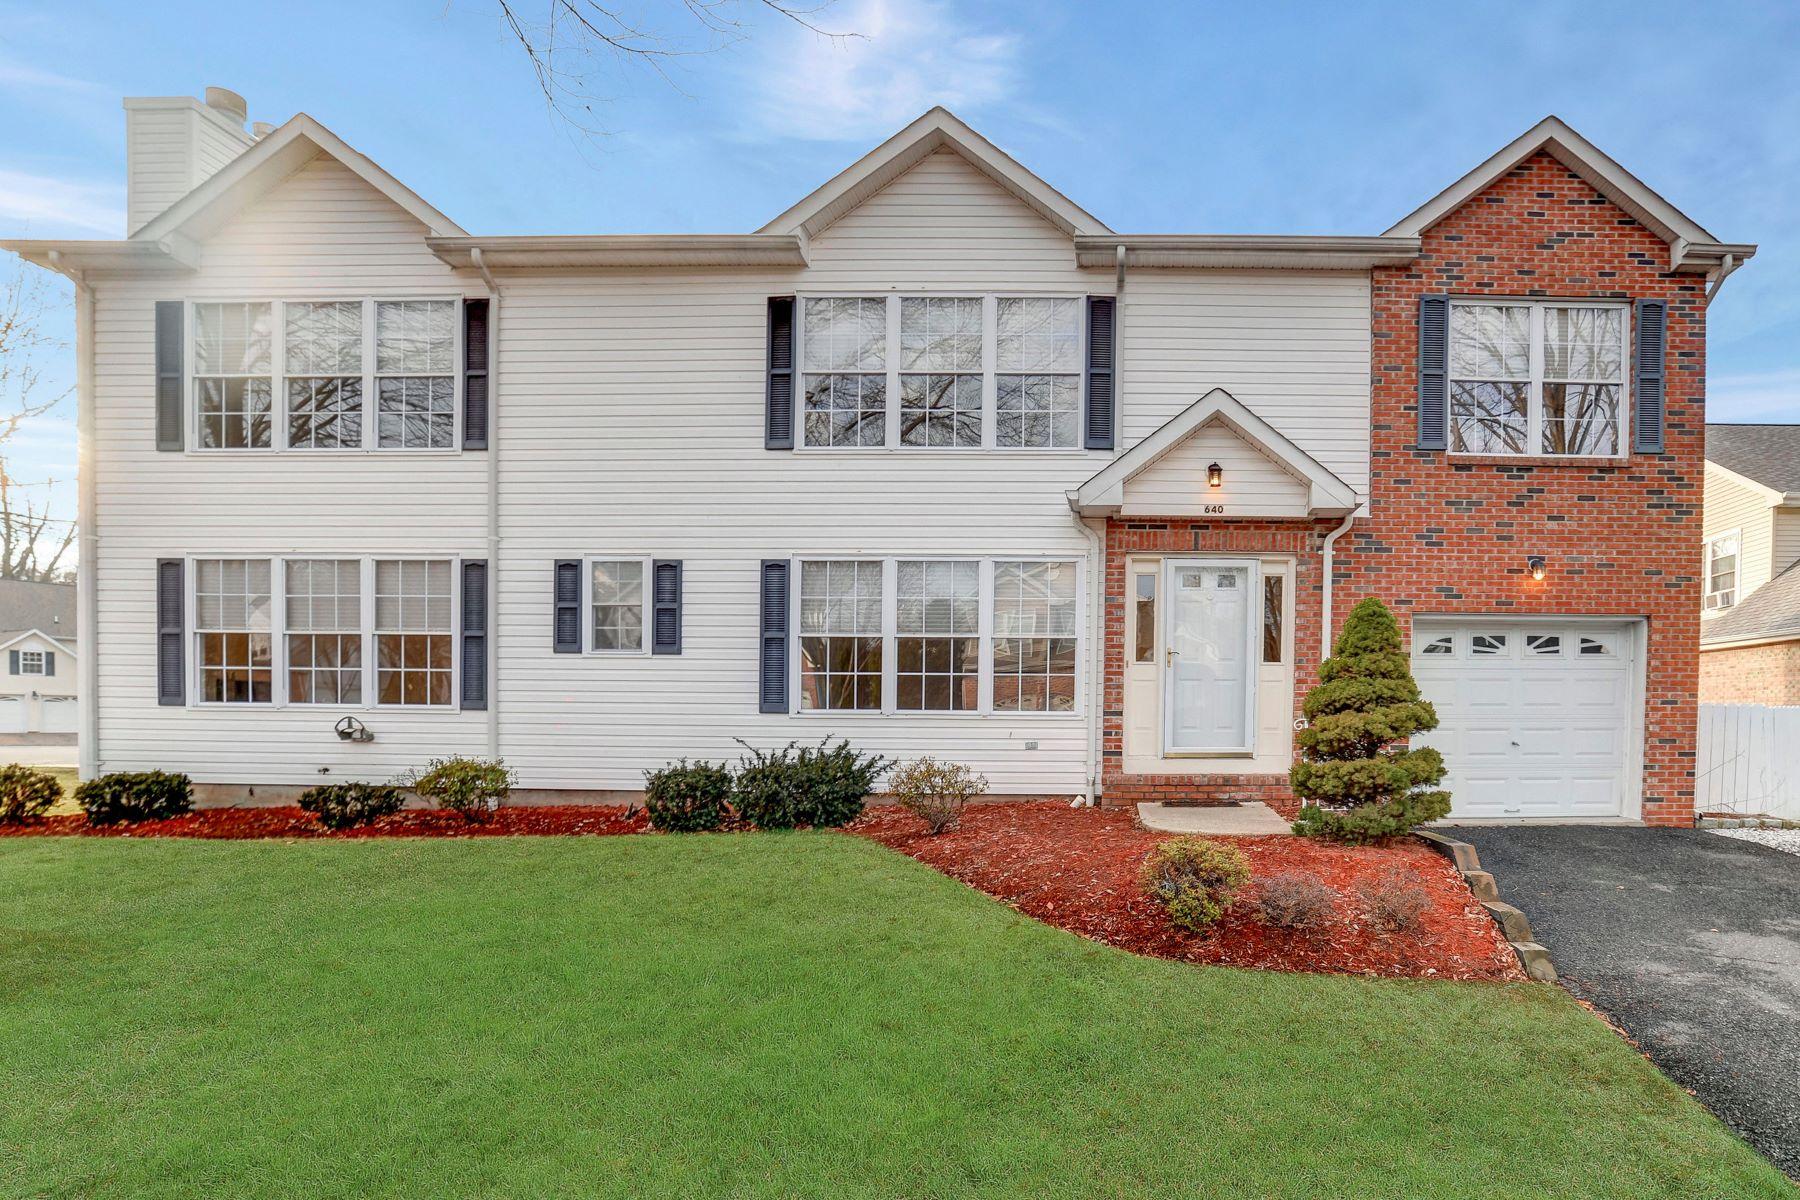 Maison unifamiliale pour l Vente à Spacious Colonial on Cul-De-Sac 640 Seagull Dr Paramus, New Jersey 07652 États-Unis